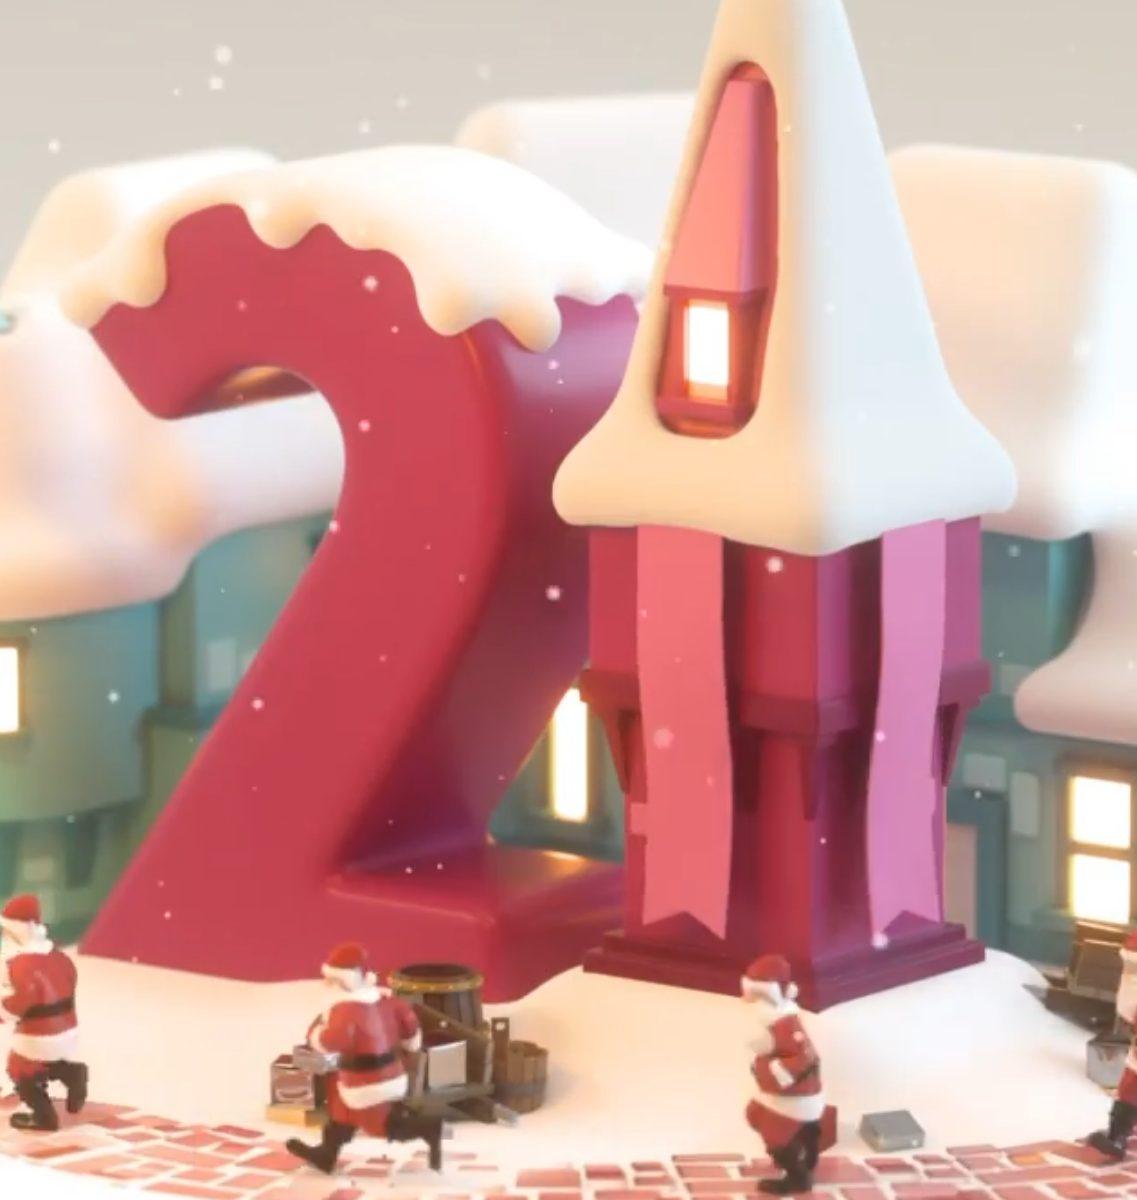 Animaciones navideñas 21